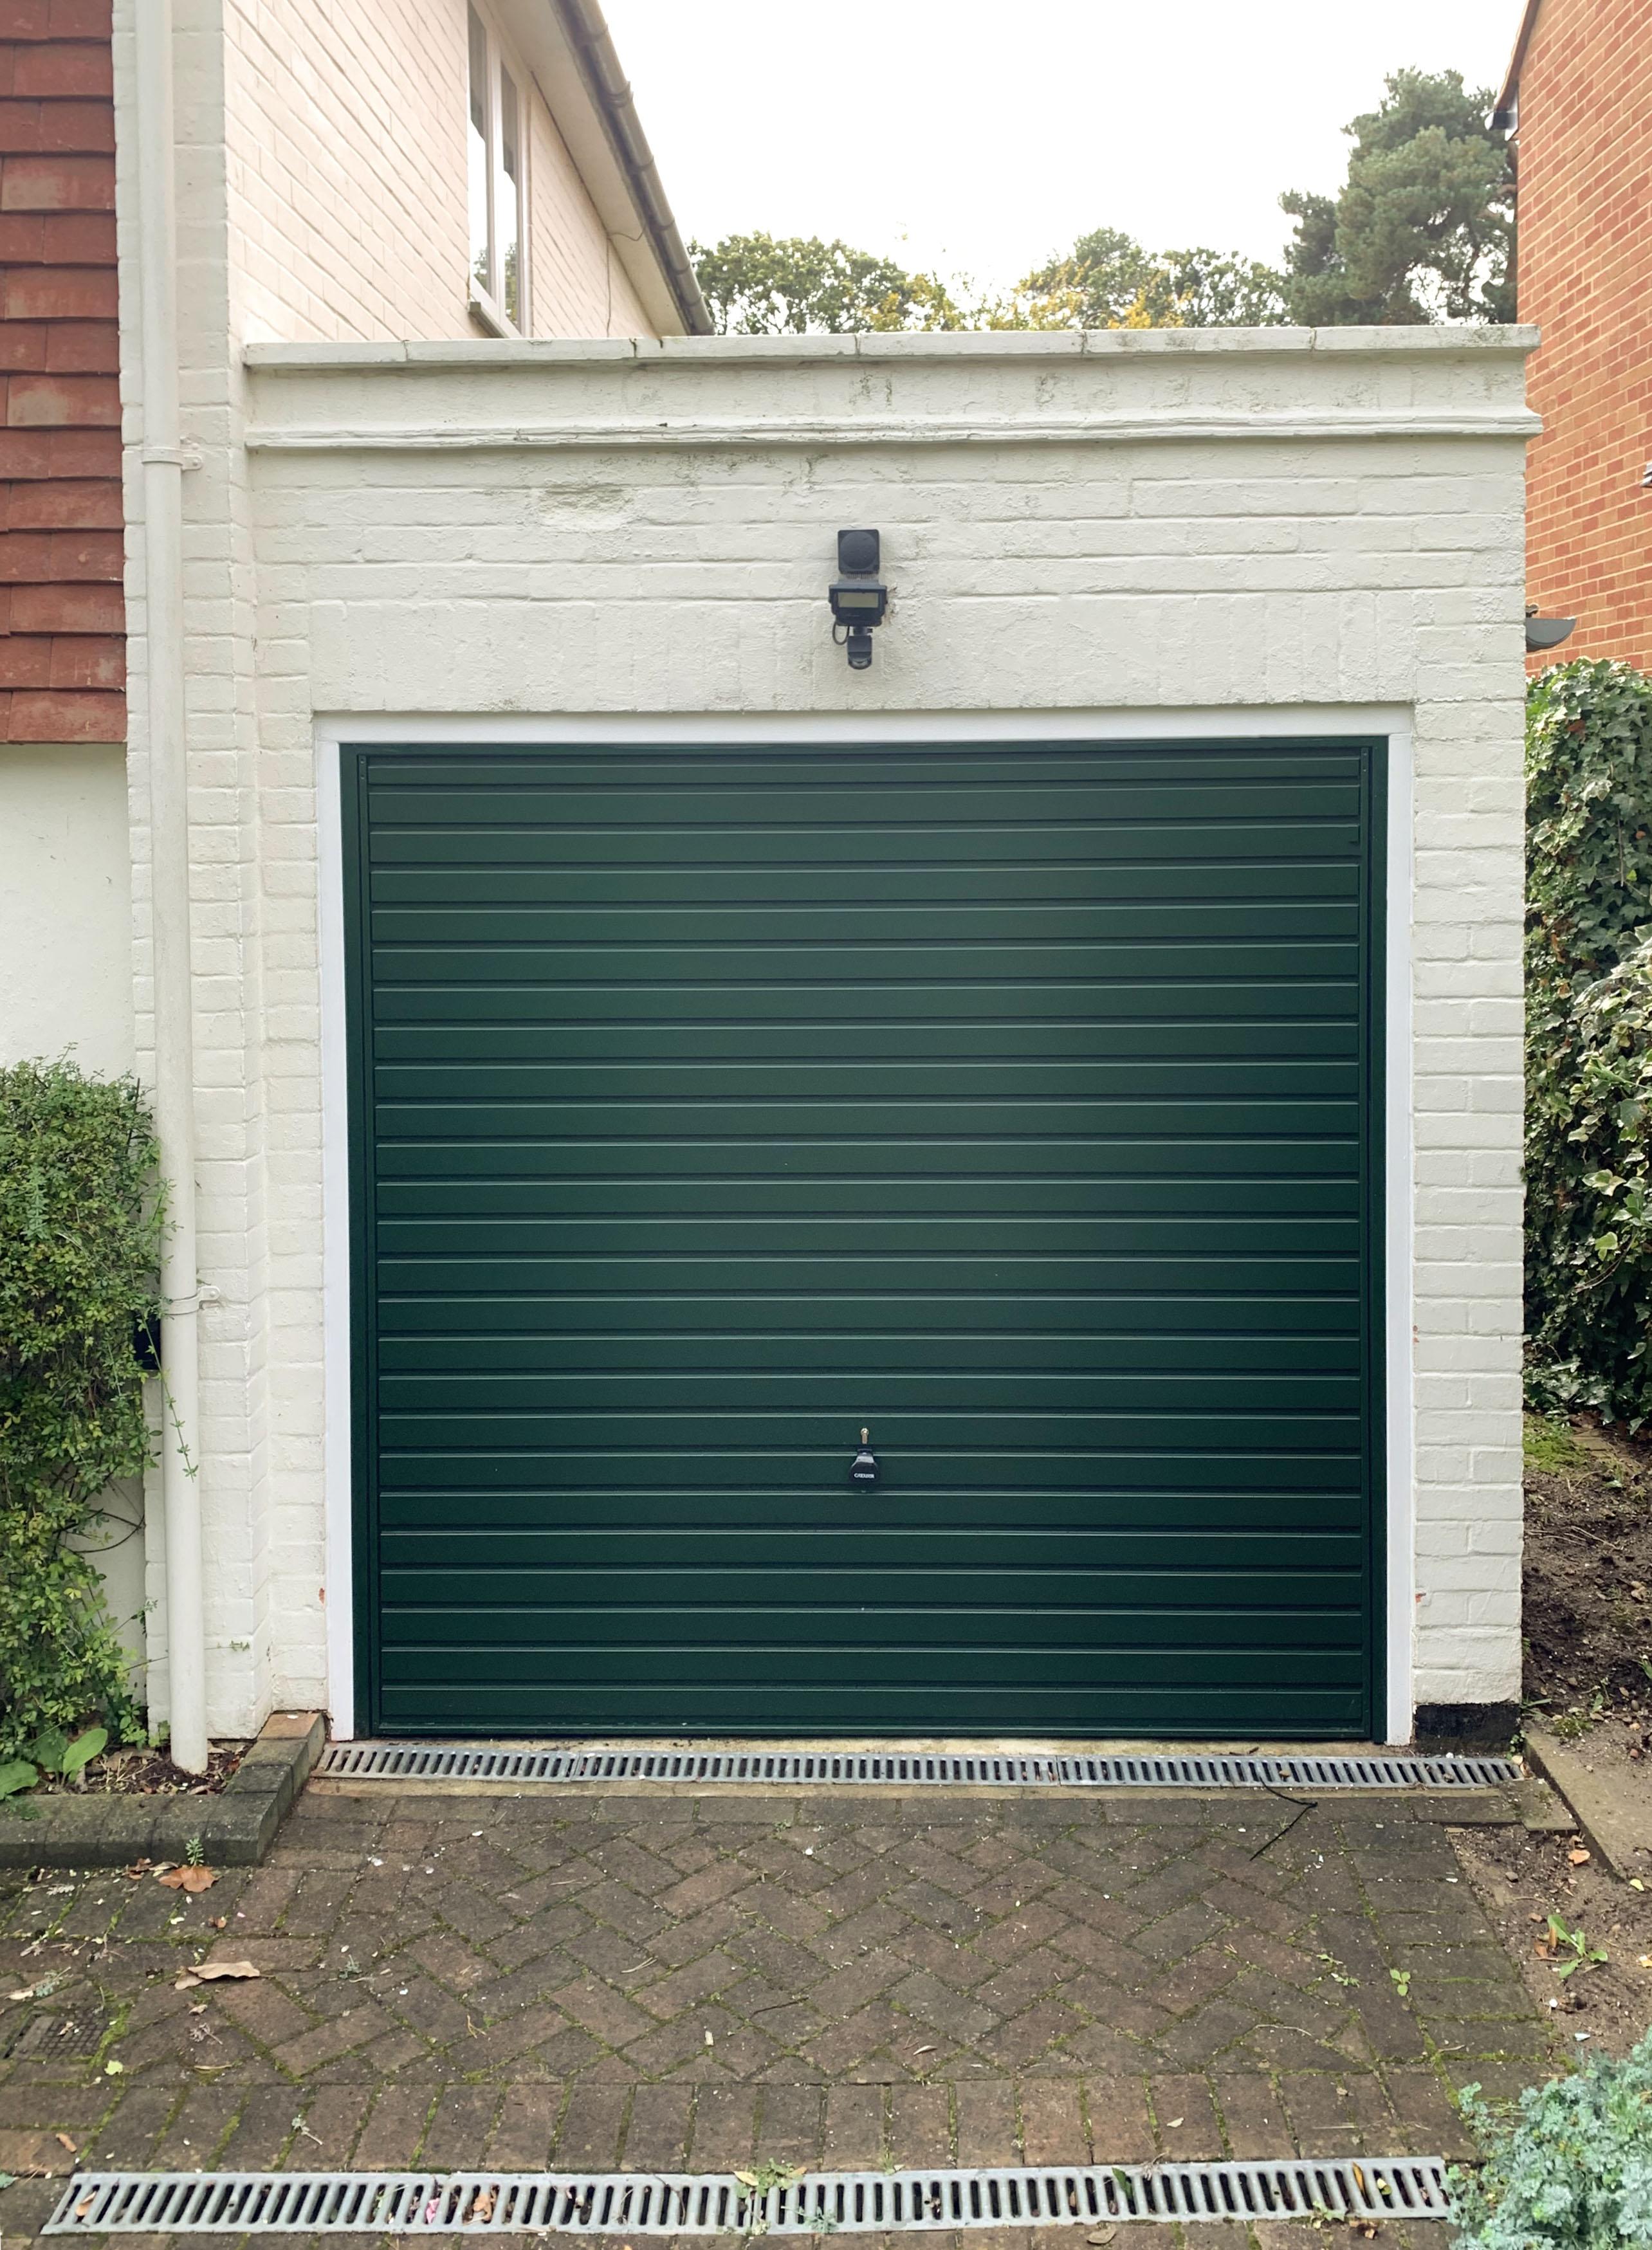 Hormann Steel Up & Over Horizontal Garage Door Finished in Moss Green